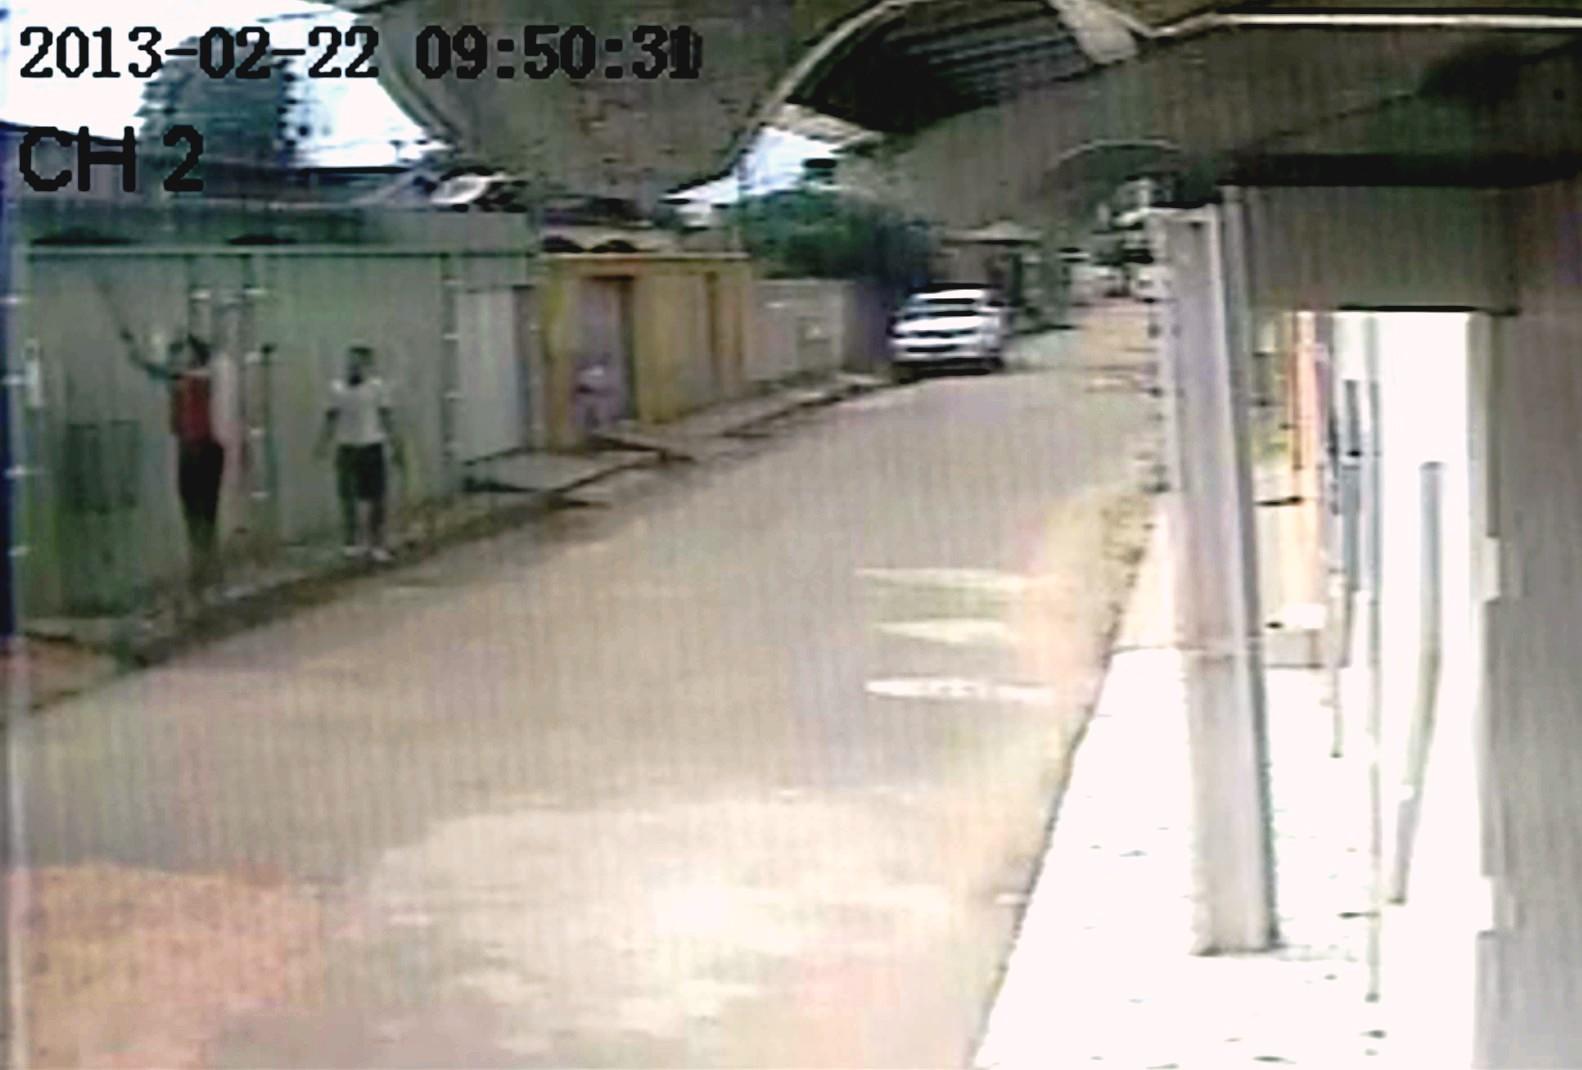 Moradores gravaram a ação criminosa de dubla suspeita de arrombamentos na bairro Tucumã (Foto: Arquivo pessoal)